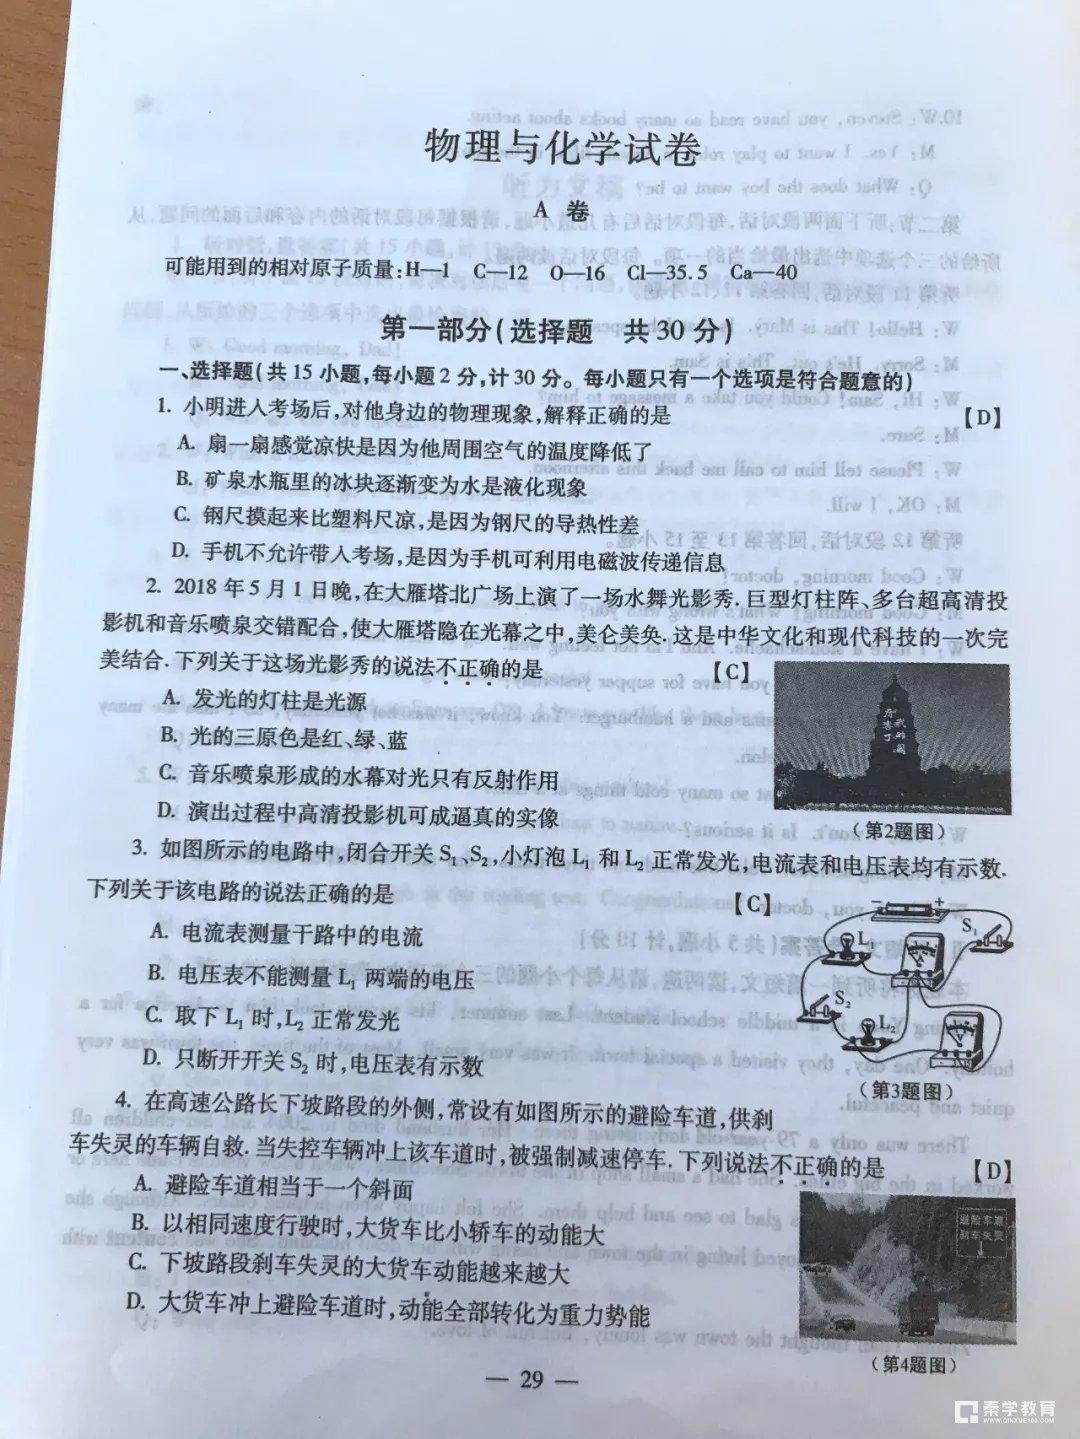 2018年陕西省中考(初中毕业学业考试)物理及化学科目试题及参考答案分享!